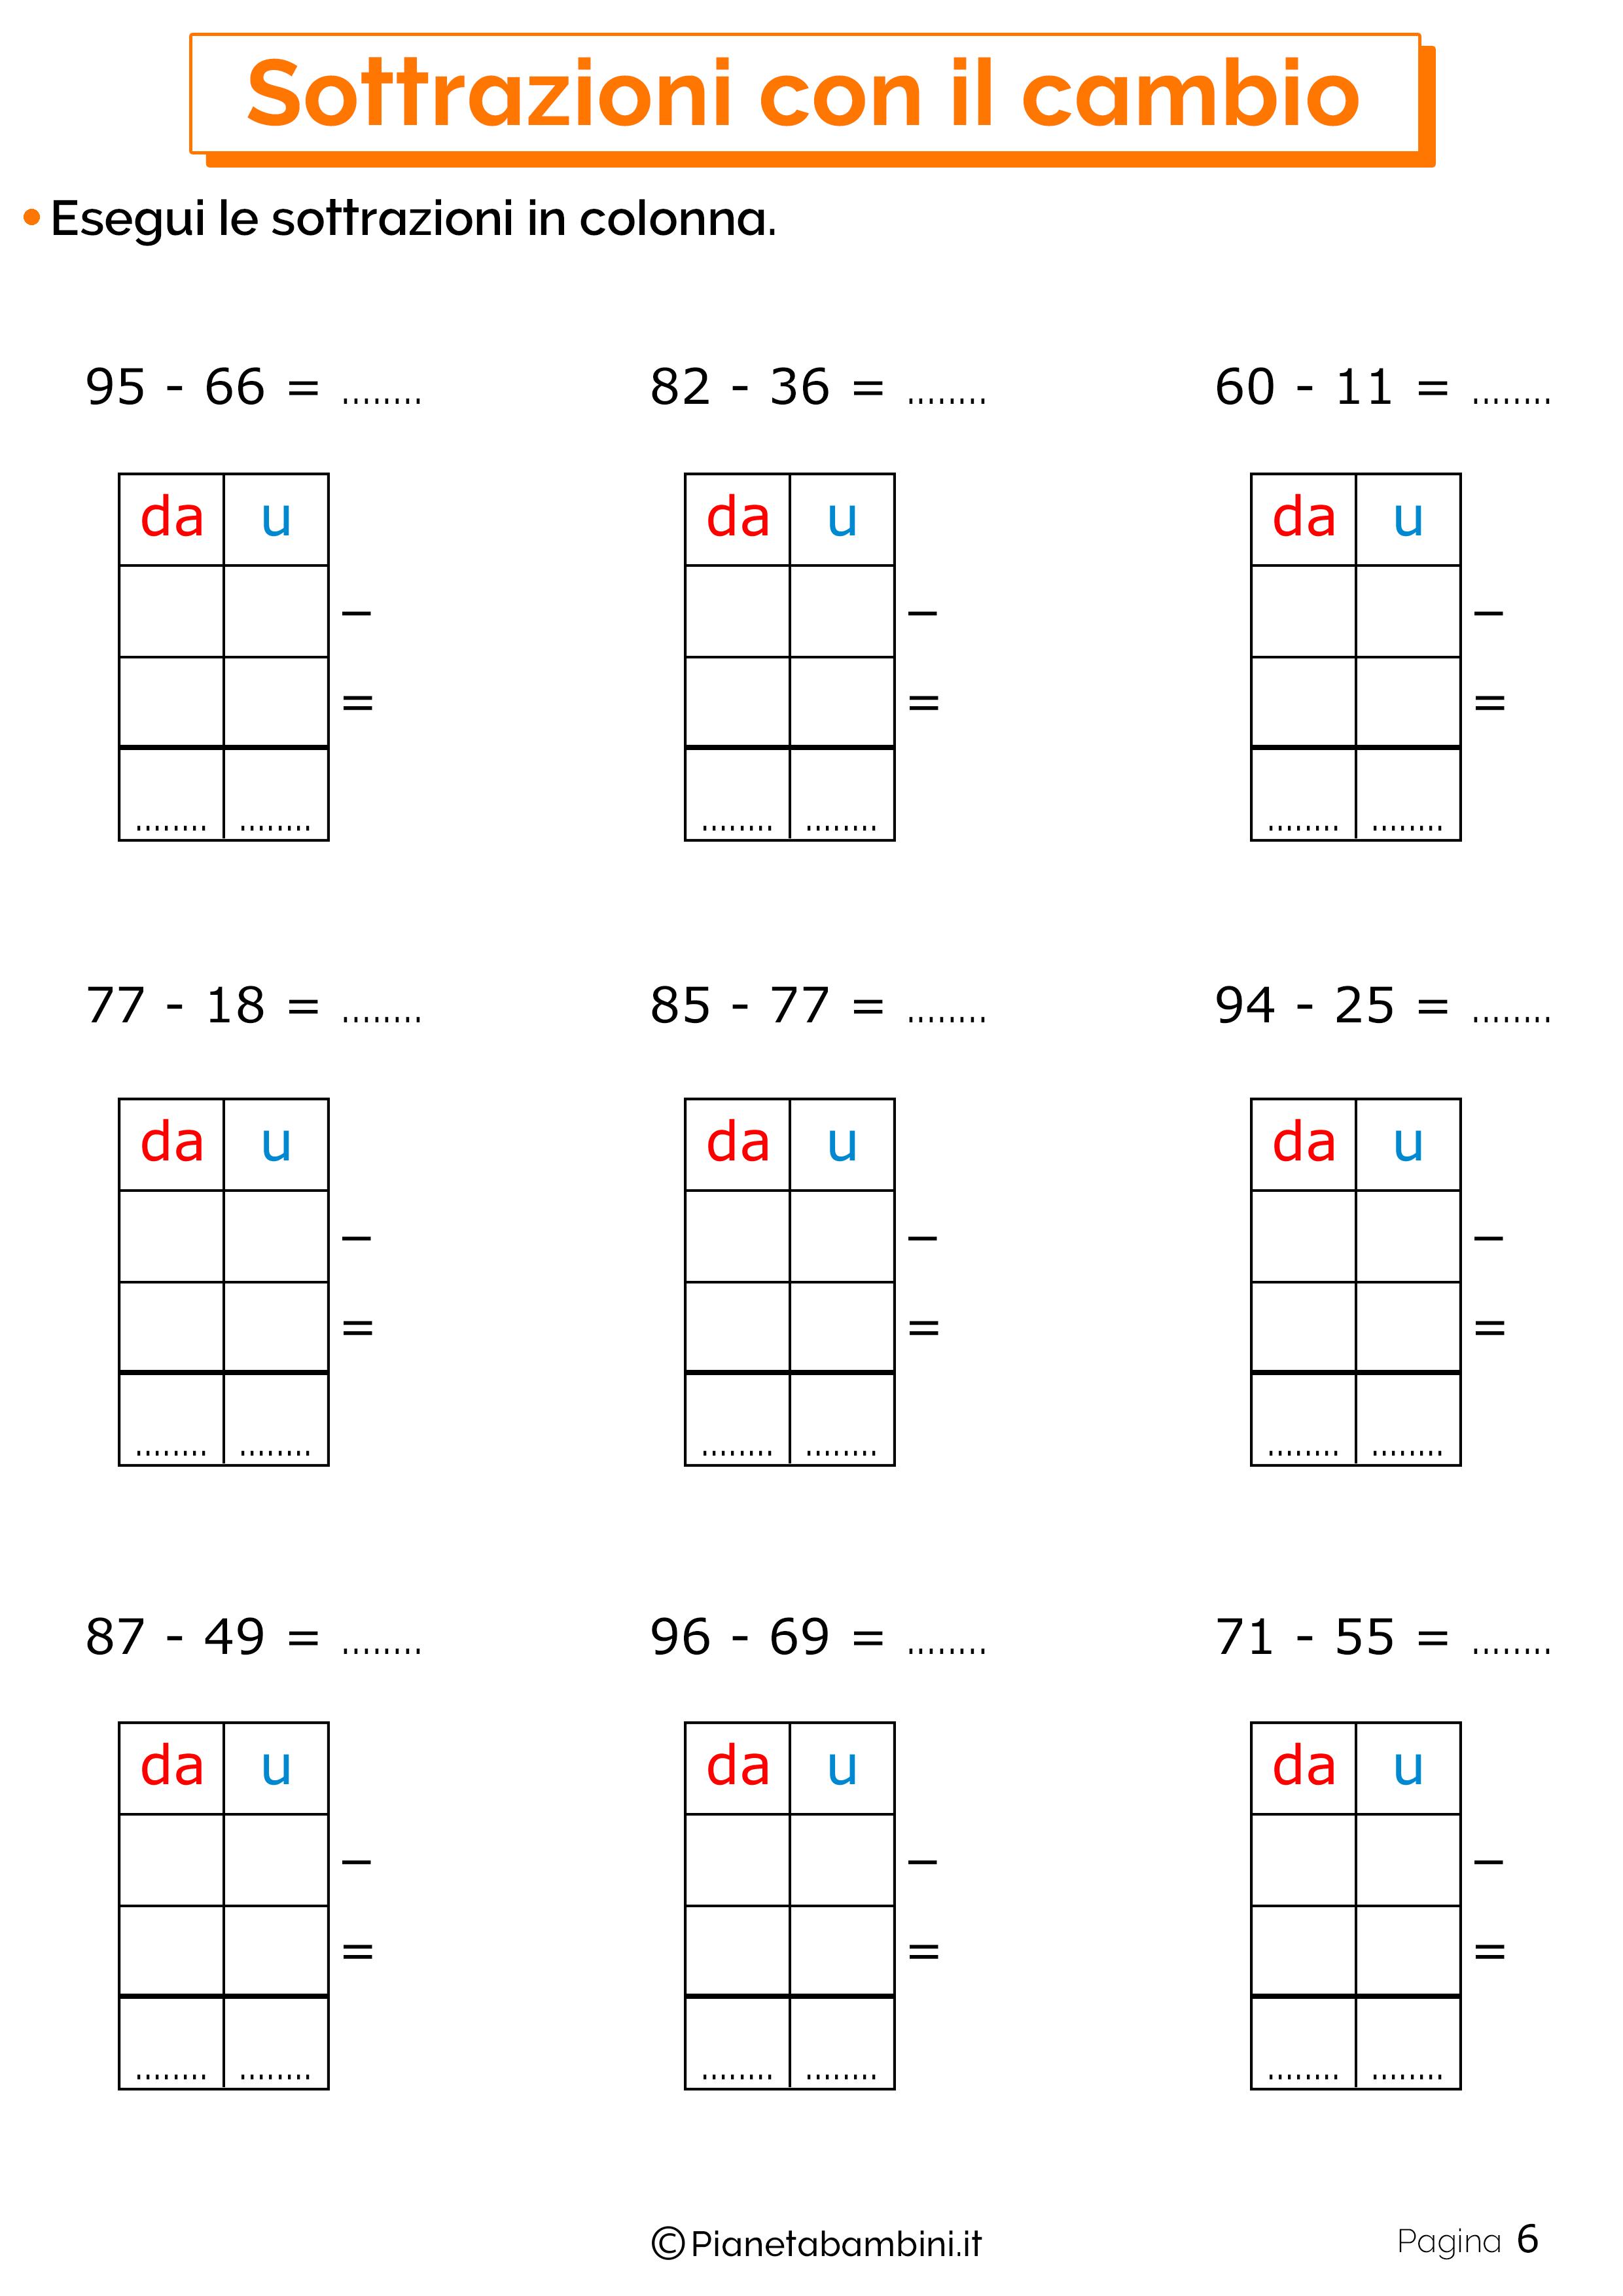 Schede didattiche sulle sottrazioni con cambio 6